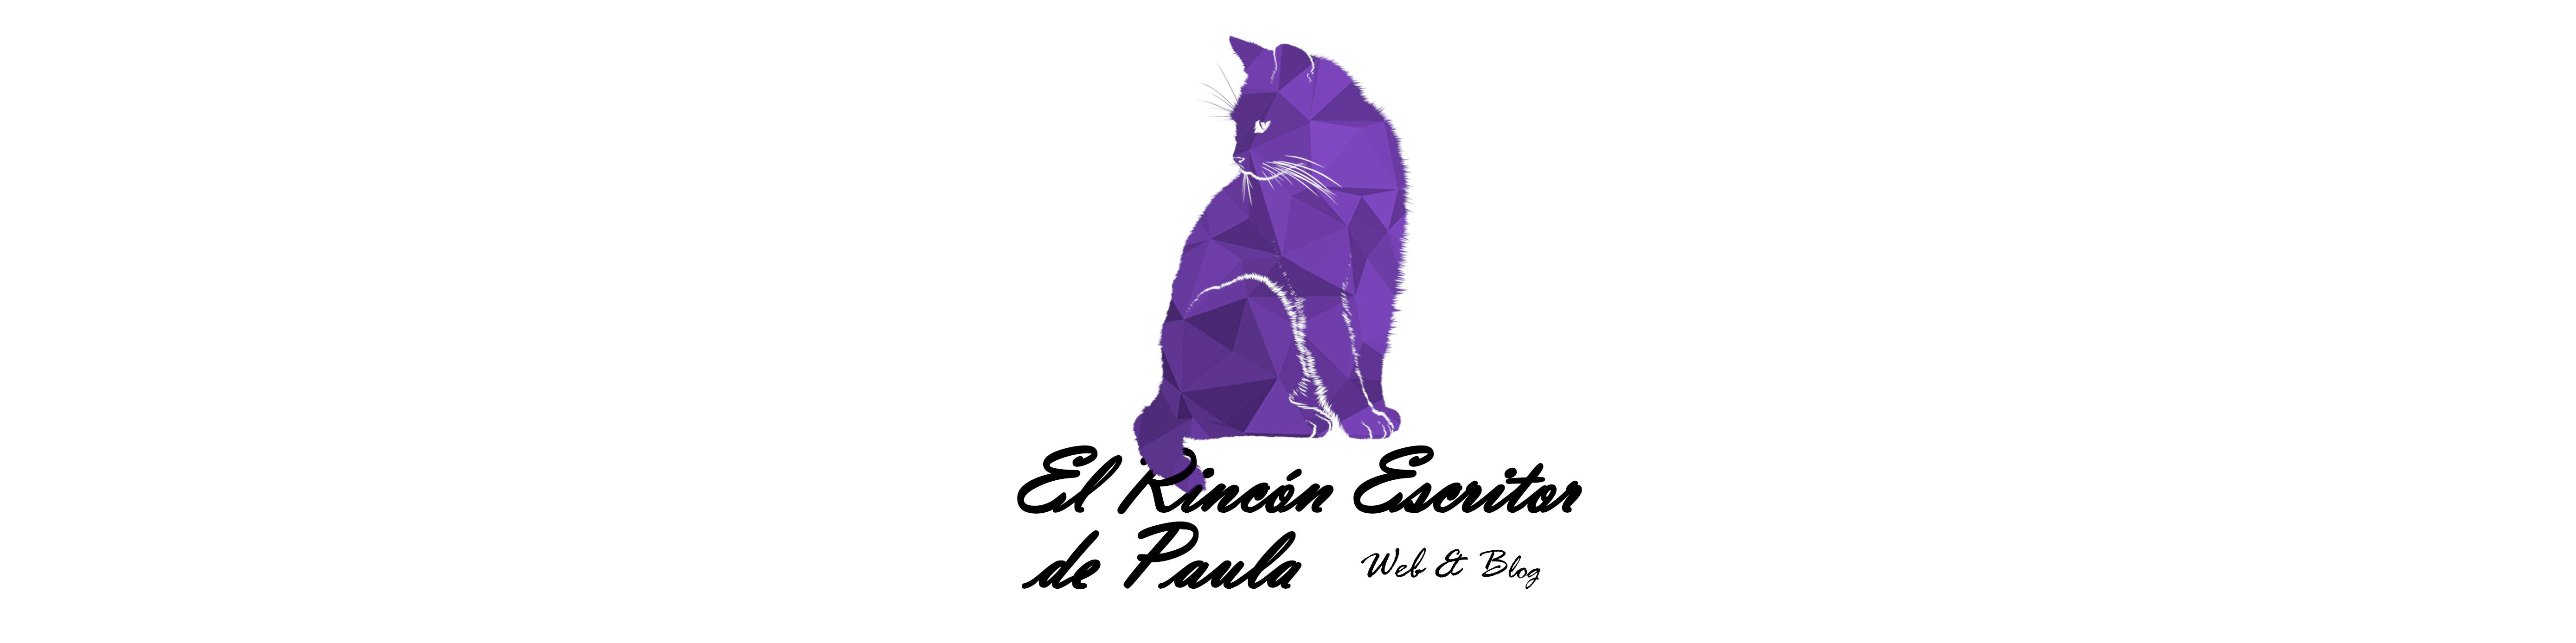 El Rincón Escritor de Paula